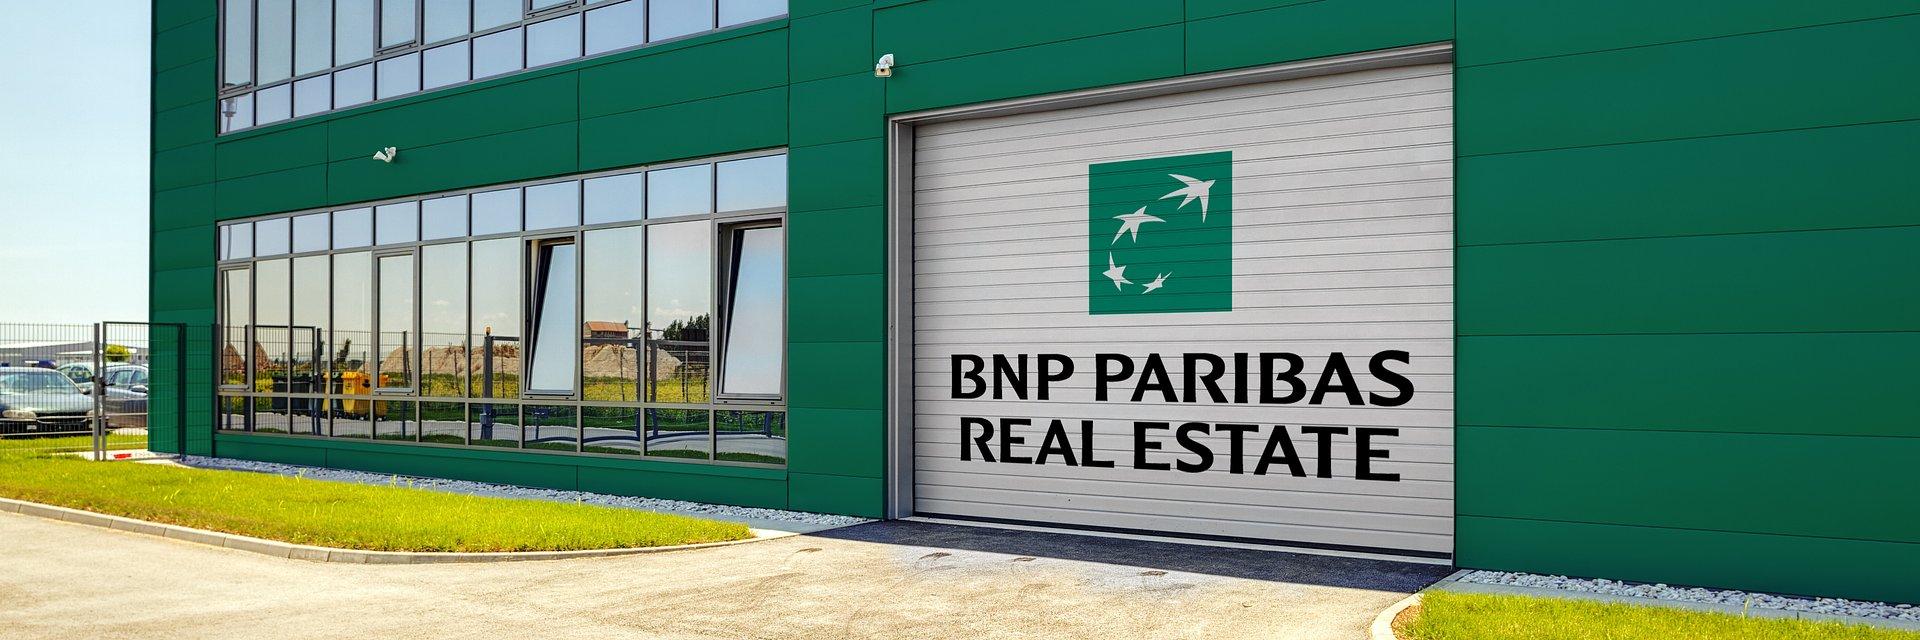 Tým průmyslových pronájmů BNP Paribas Real Estate expanduje – personálně i na úrovni zakázek